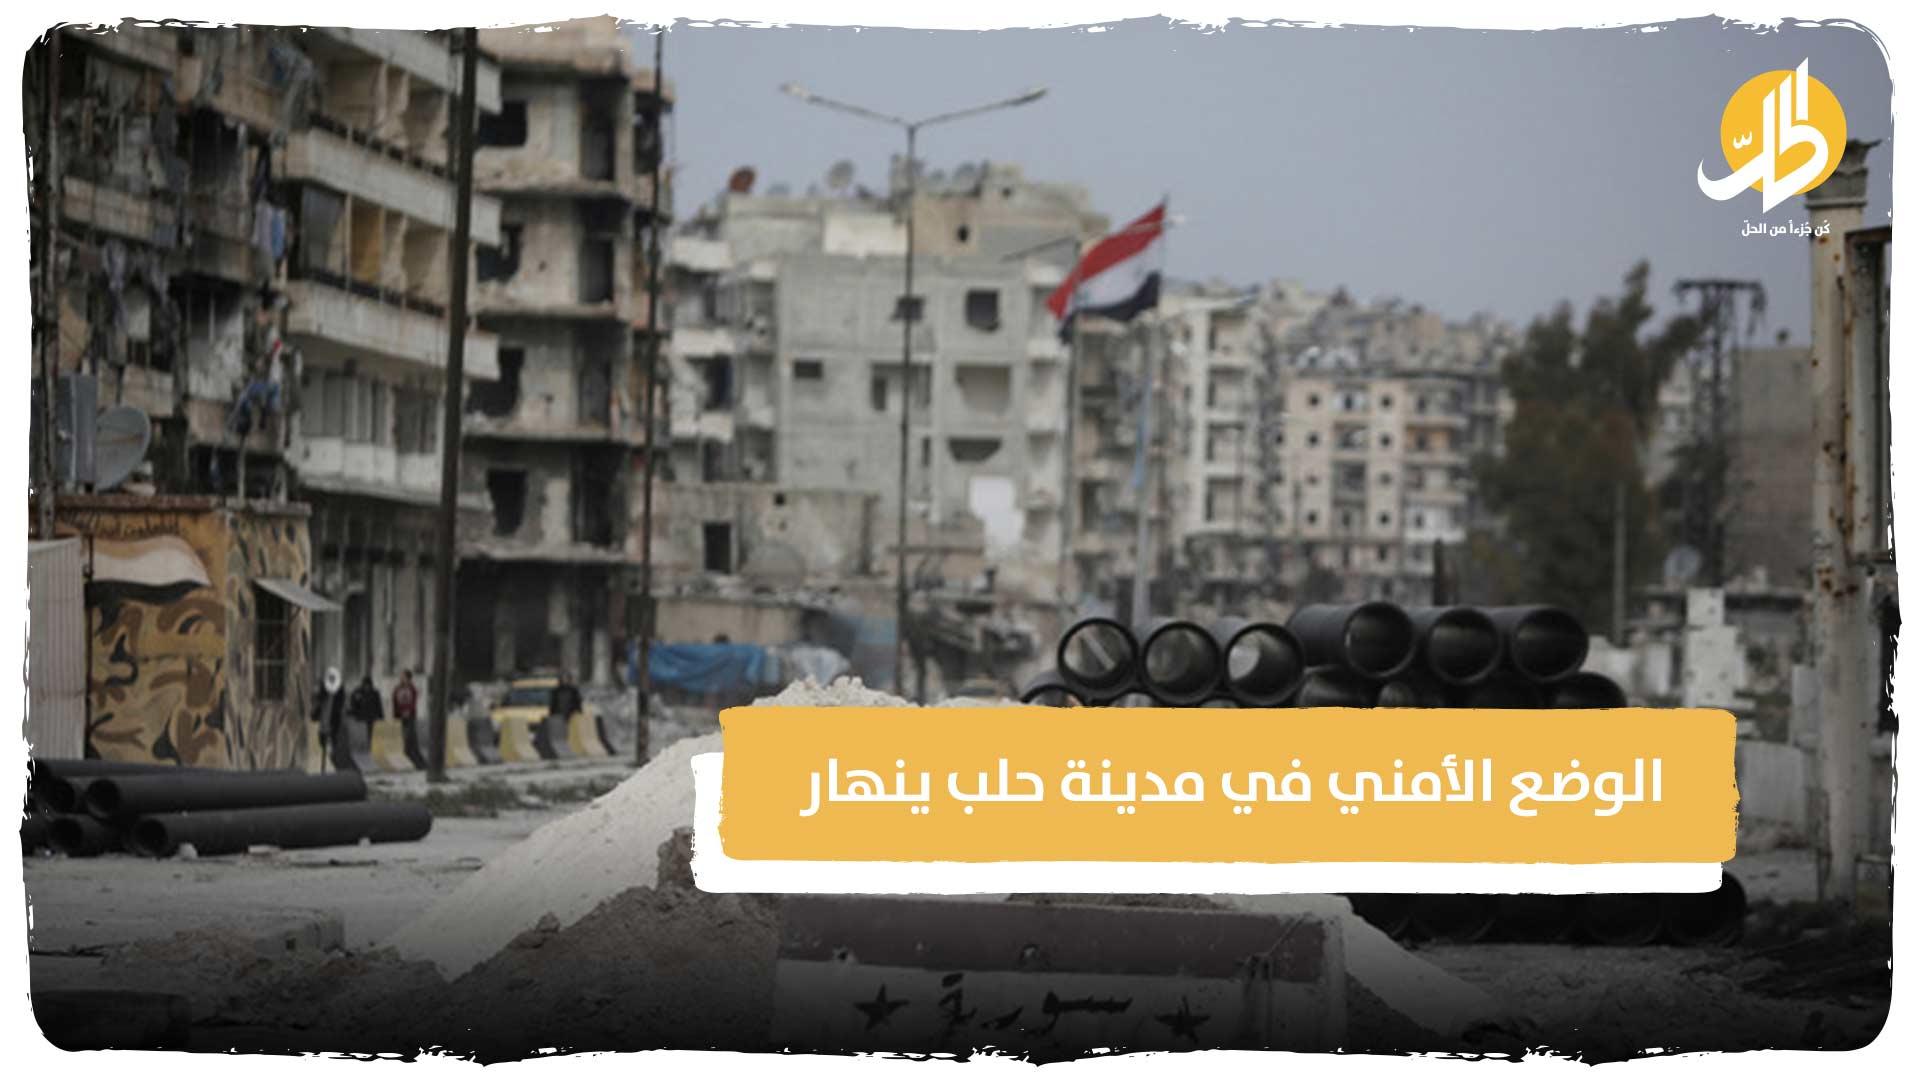 الوضع الأمني في مدينة حلب .. ينهار